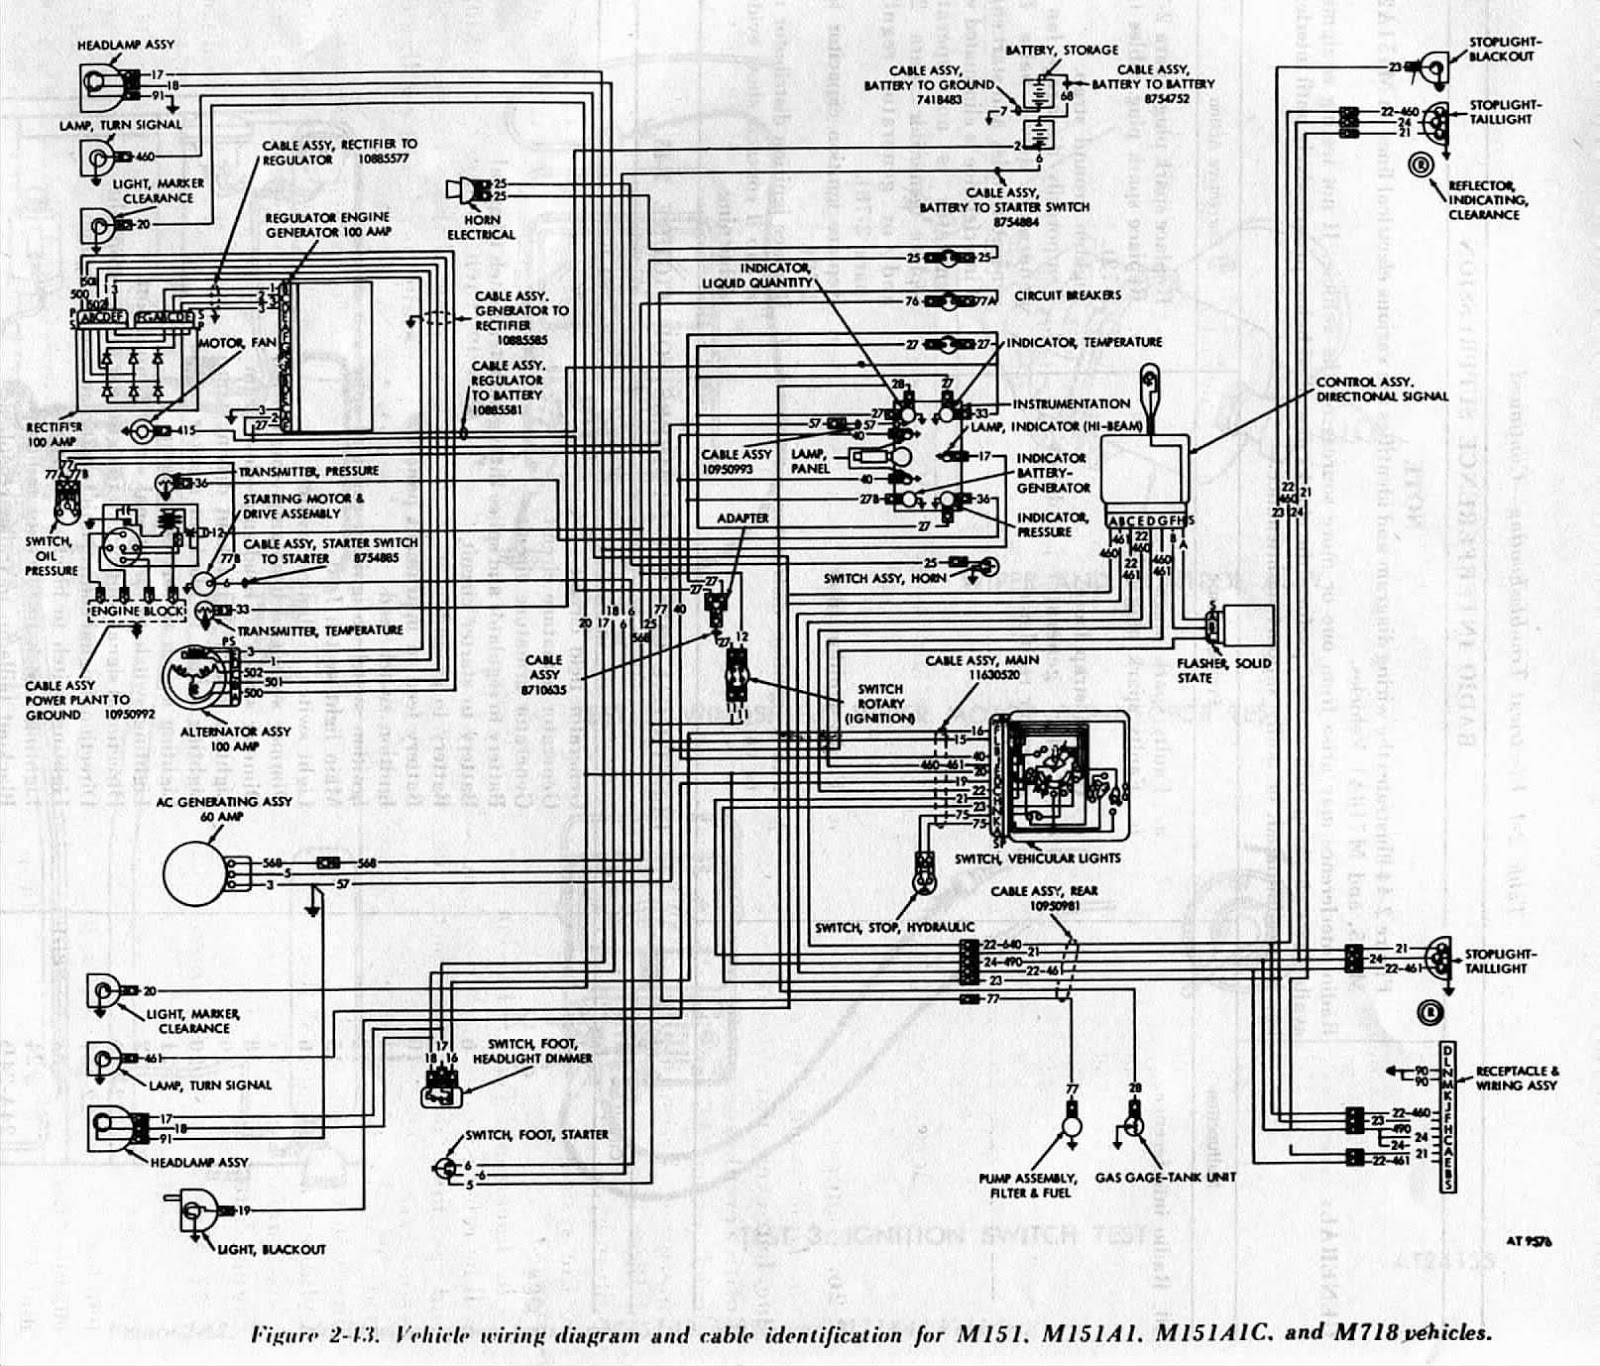 m151 wiring diagram wiring diagram yoy